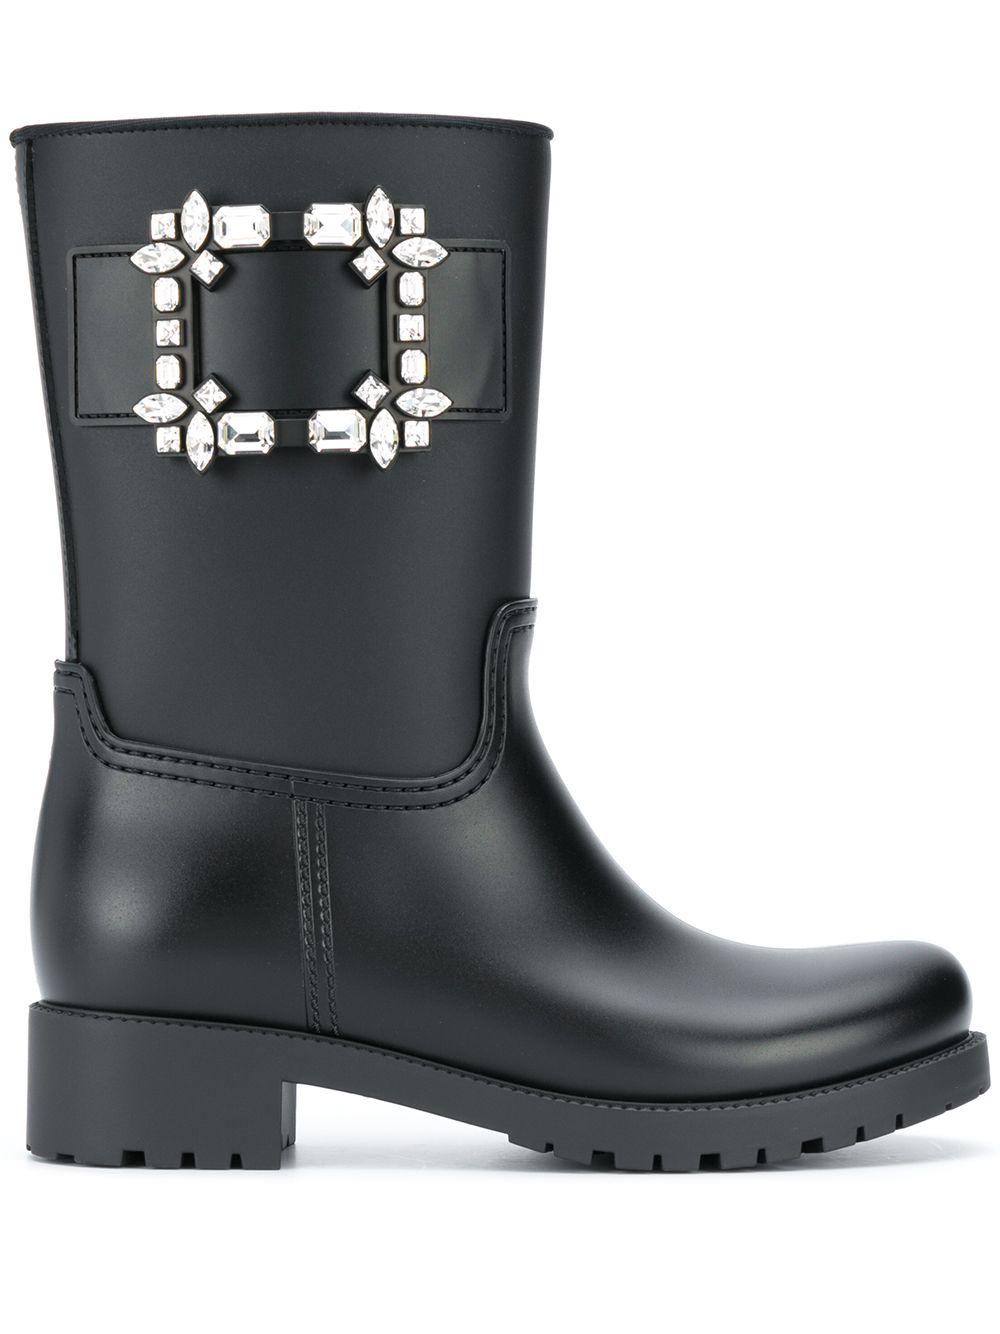 Viv Run Rainboots